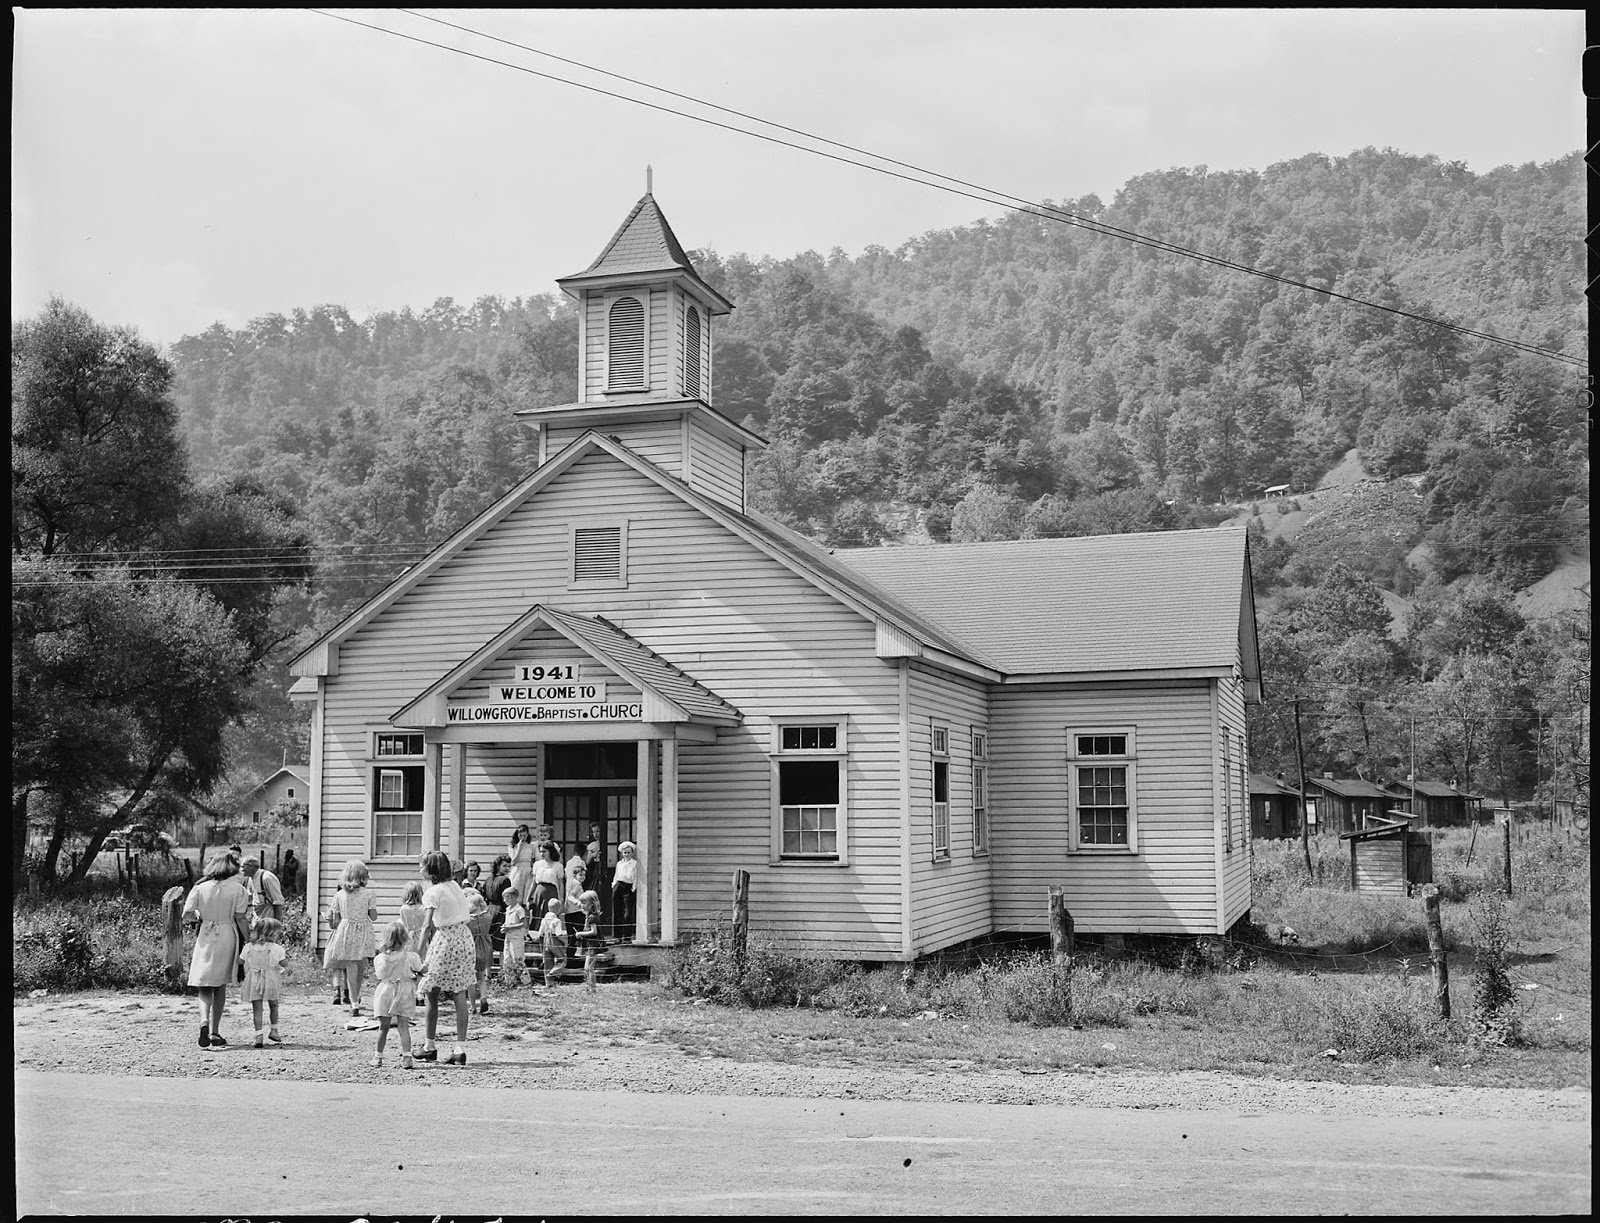 Oameni care merg la biserică - imagine preluată de pe commons.wikimedia.org